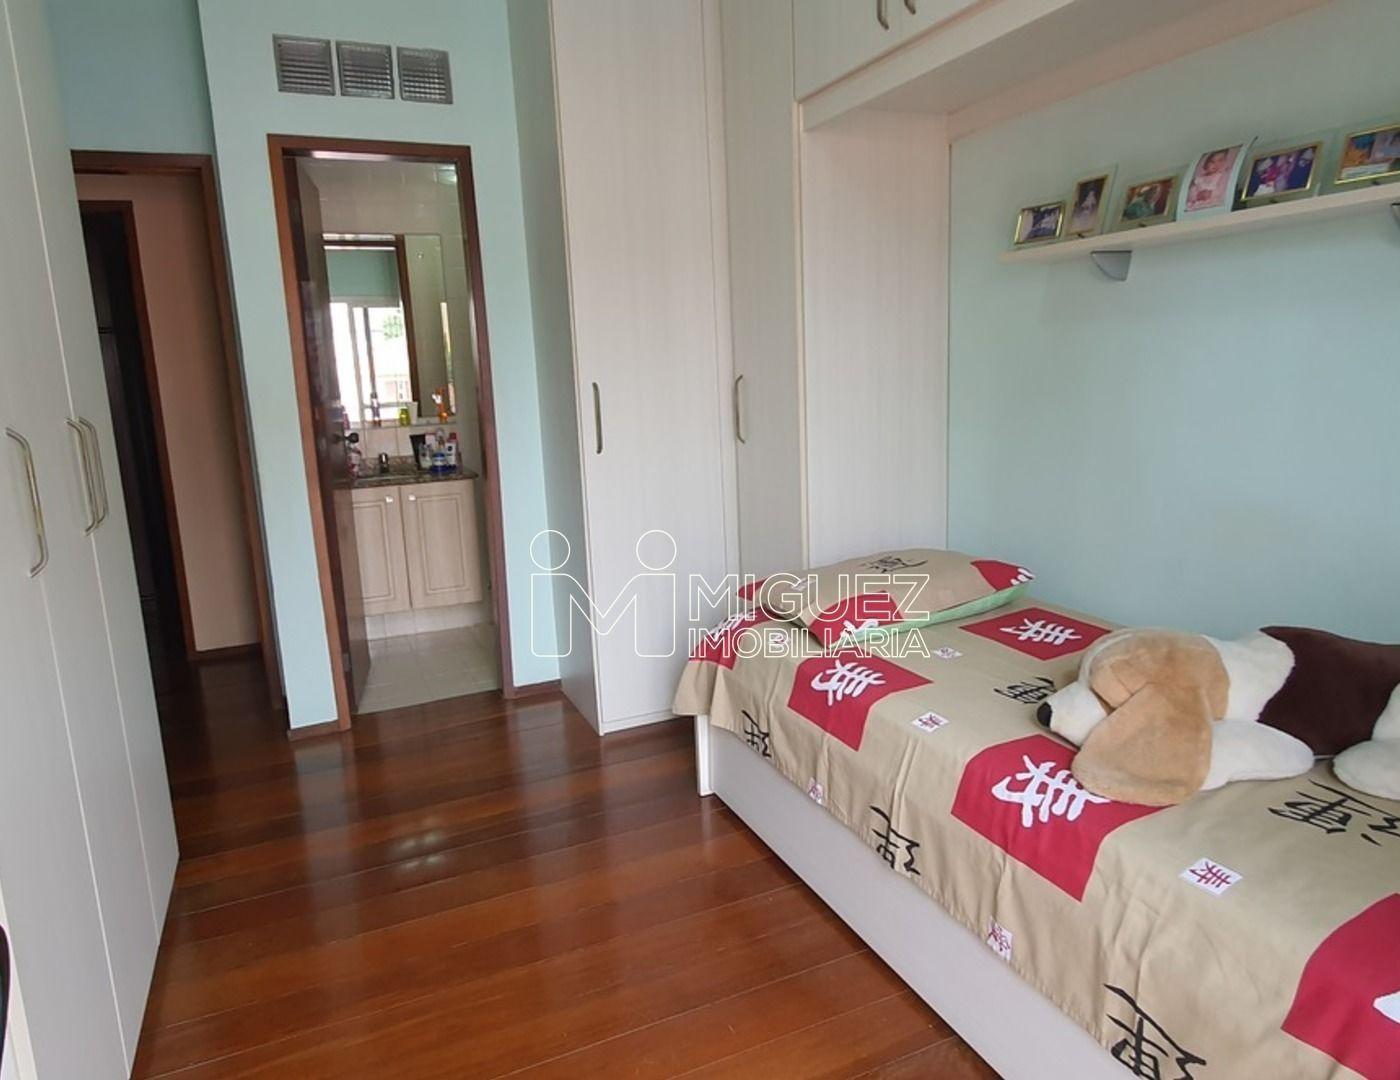 Apartamento, venda, Rua General Silva Pessoa - Tijuca , Rio de janeiro